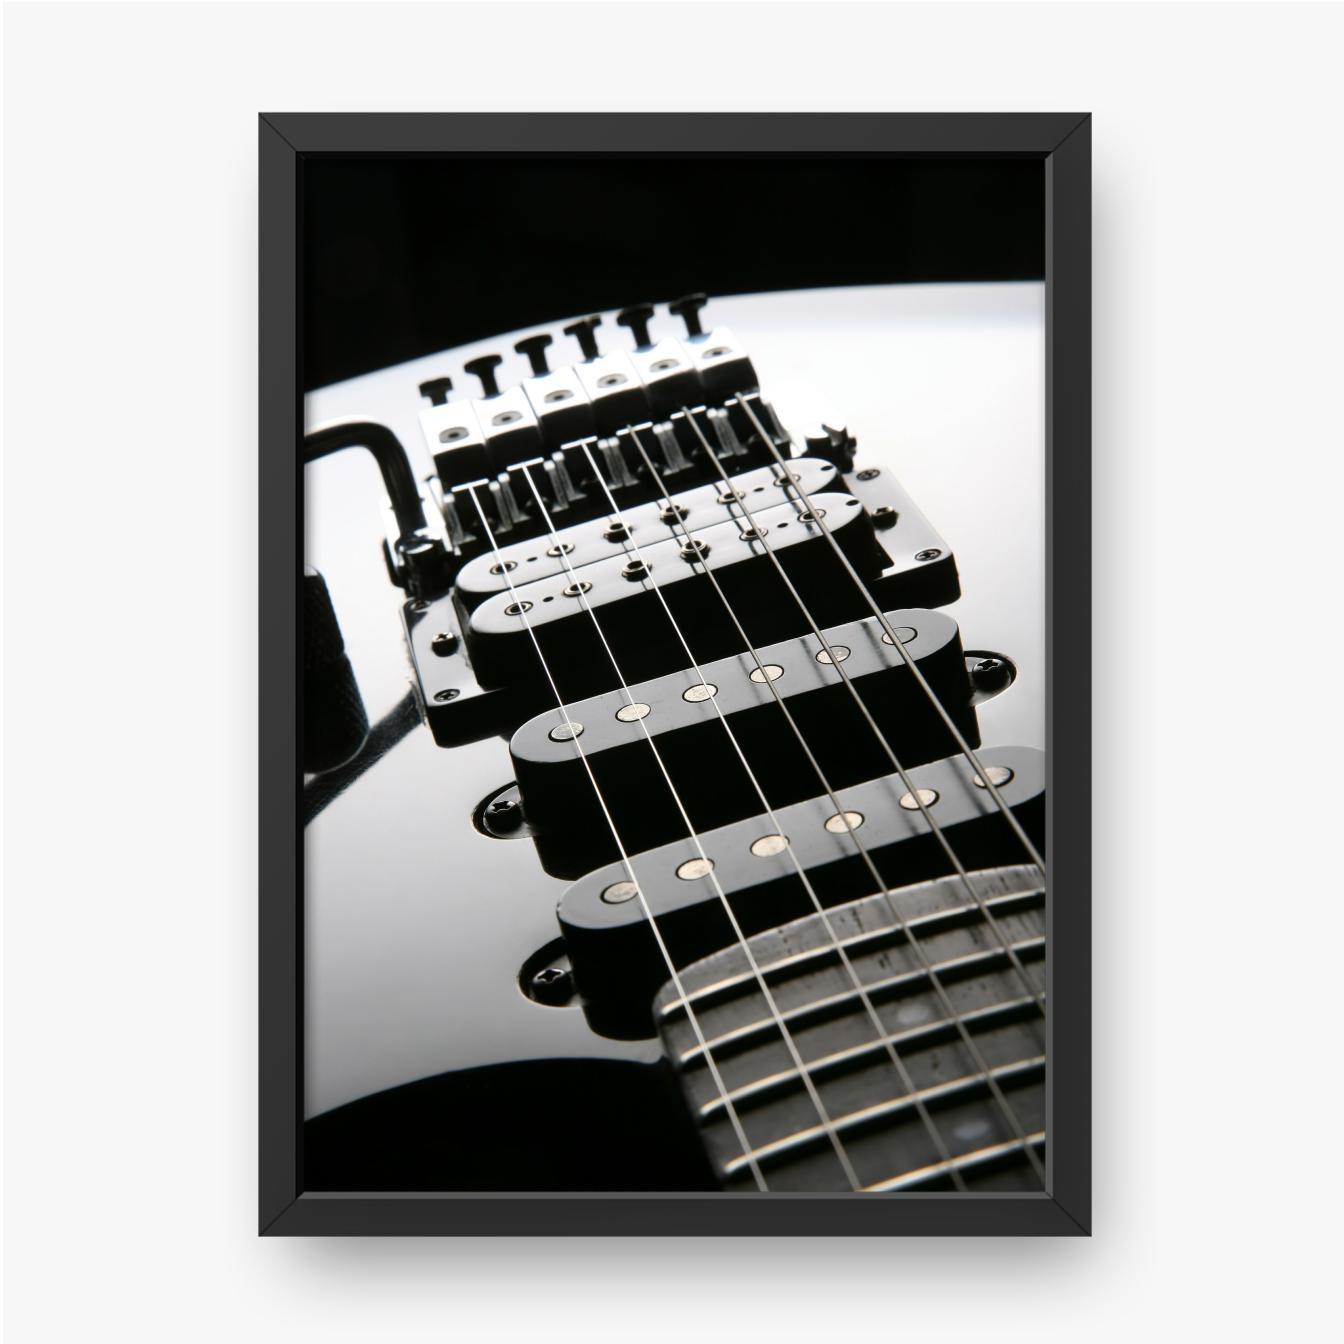 Beleuchtetes Gitarrenfragment auf schwarzem Hintergrund